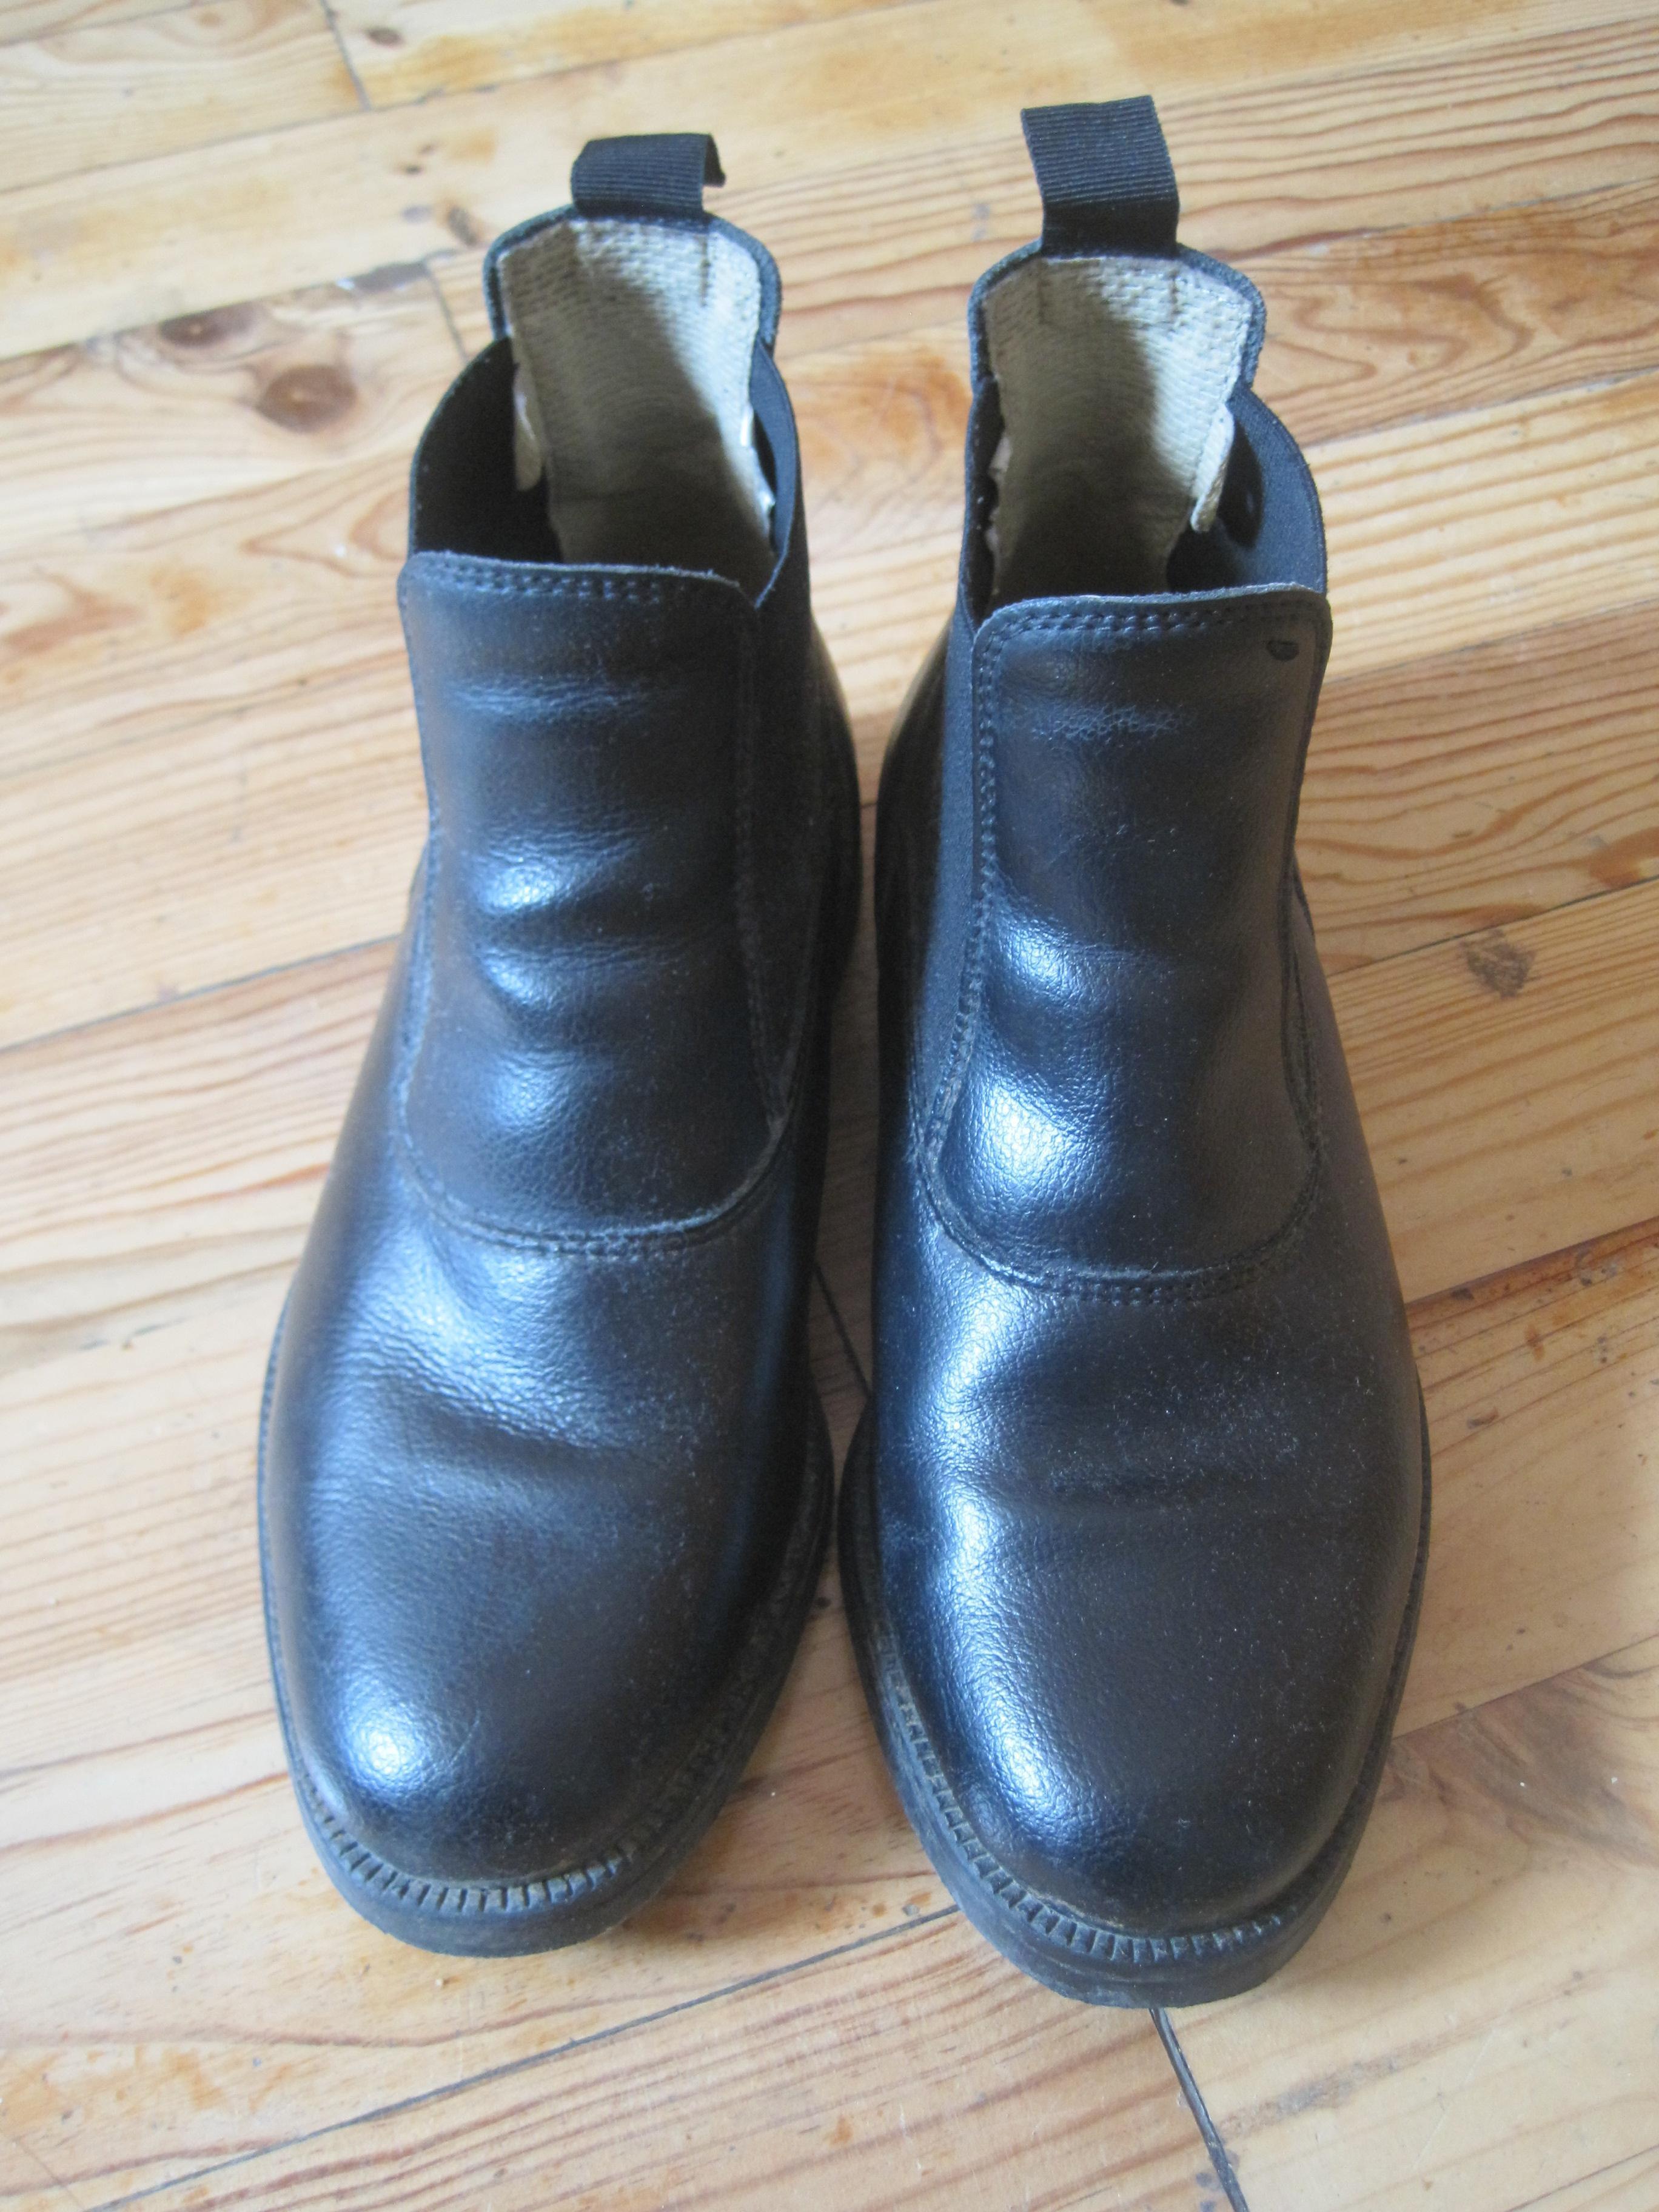 troc de troc bottines d'équitation en cuir, taille 36 image 0